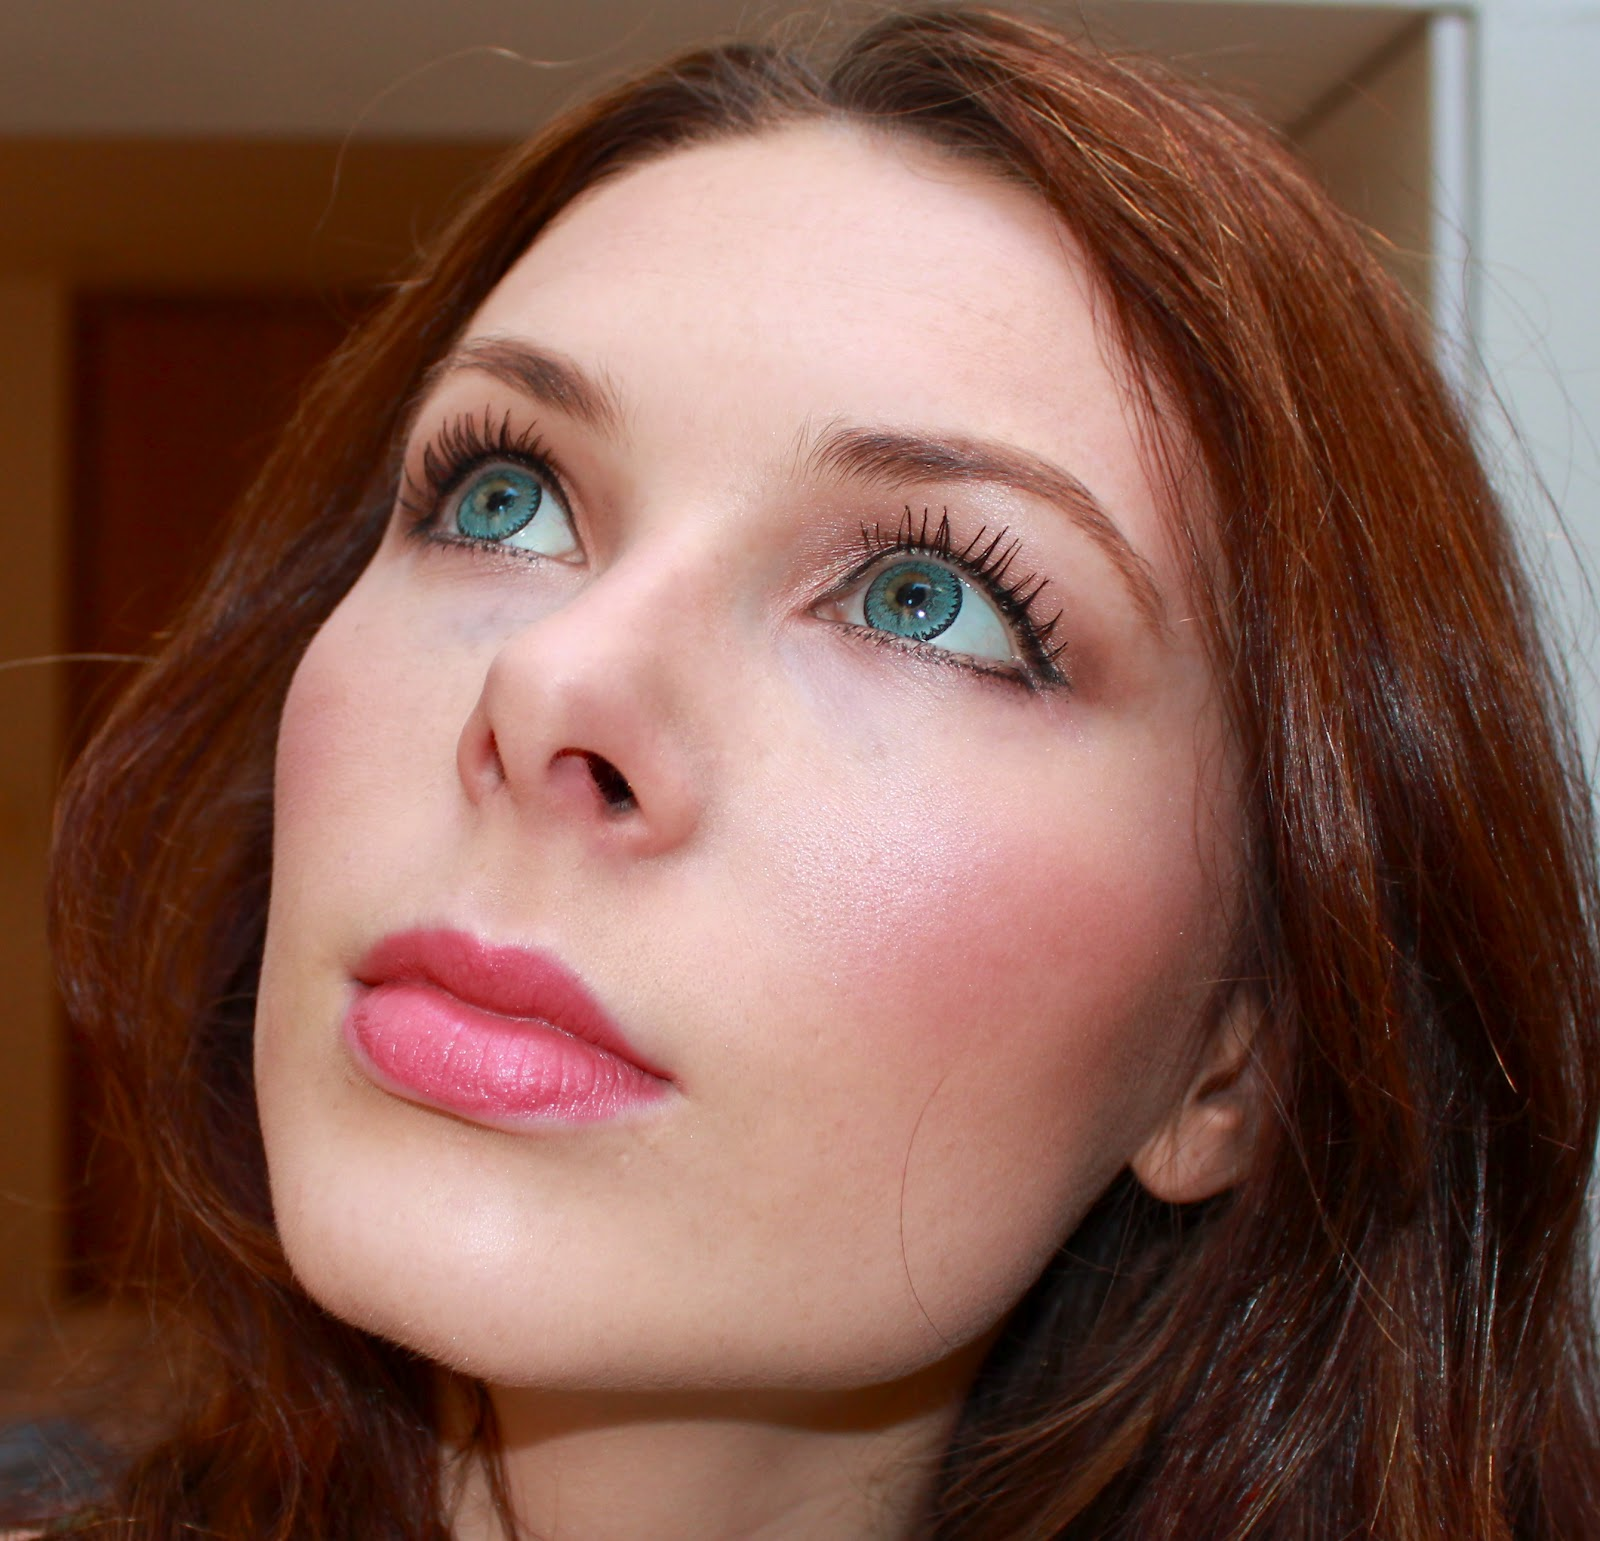 Anna Donnell Net Worth 2021: Wiki Bio, Age, Height